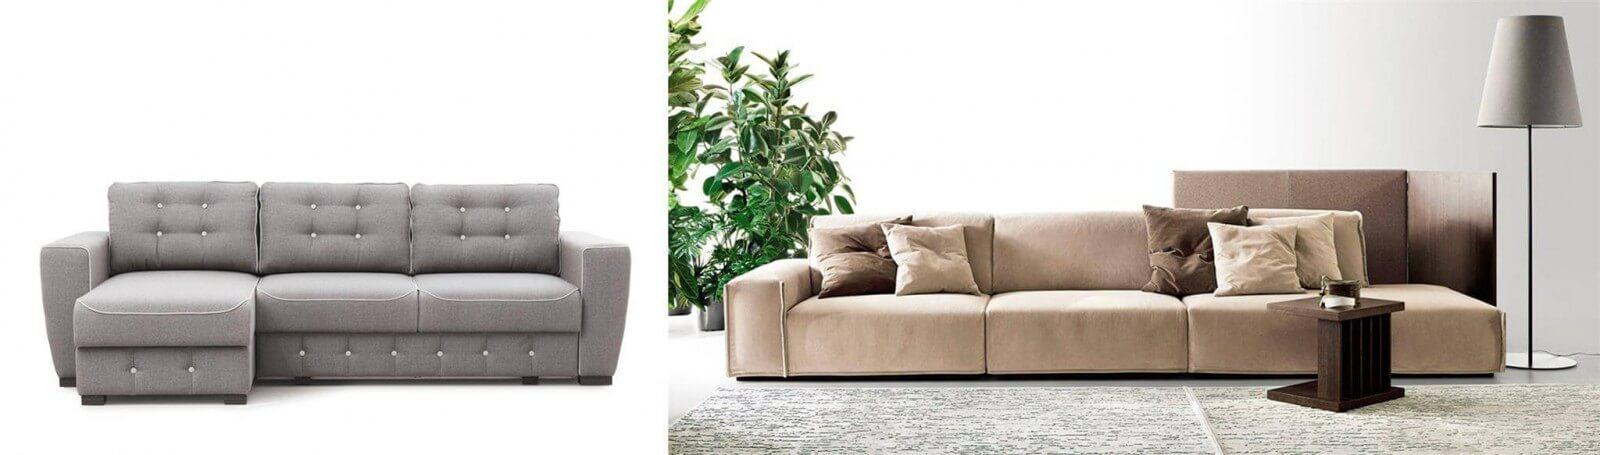 Чем диван за 1000$ отличается от дивана за 8000$